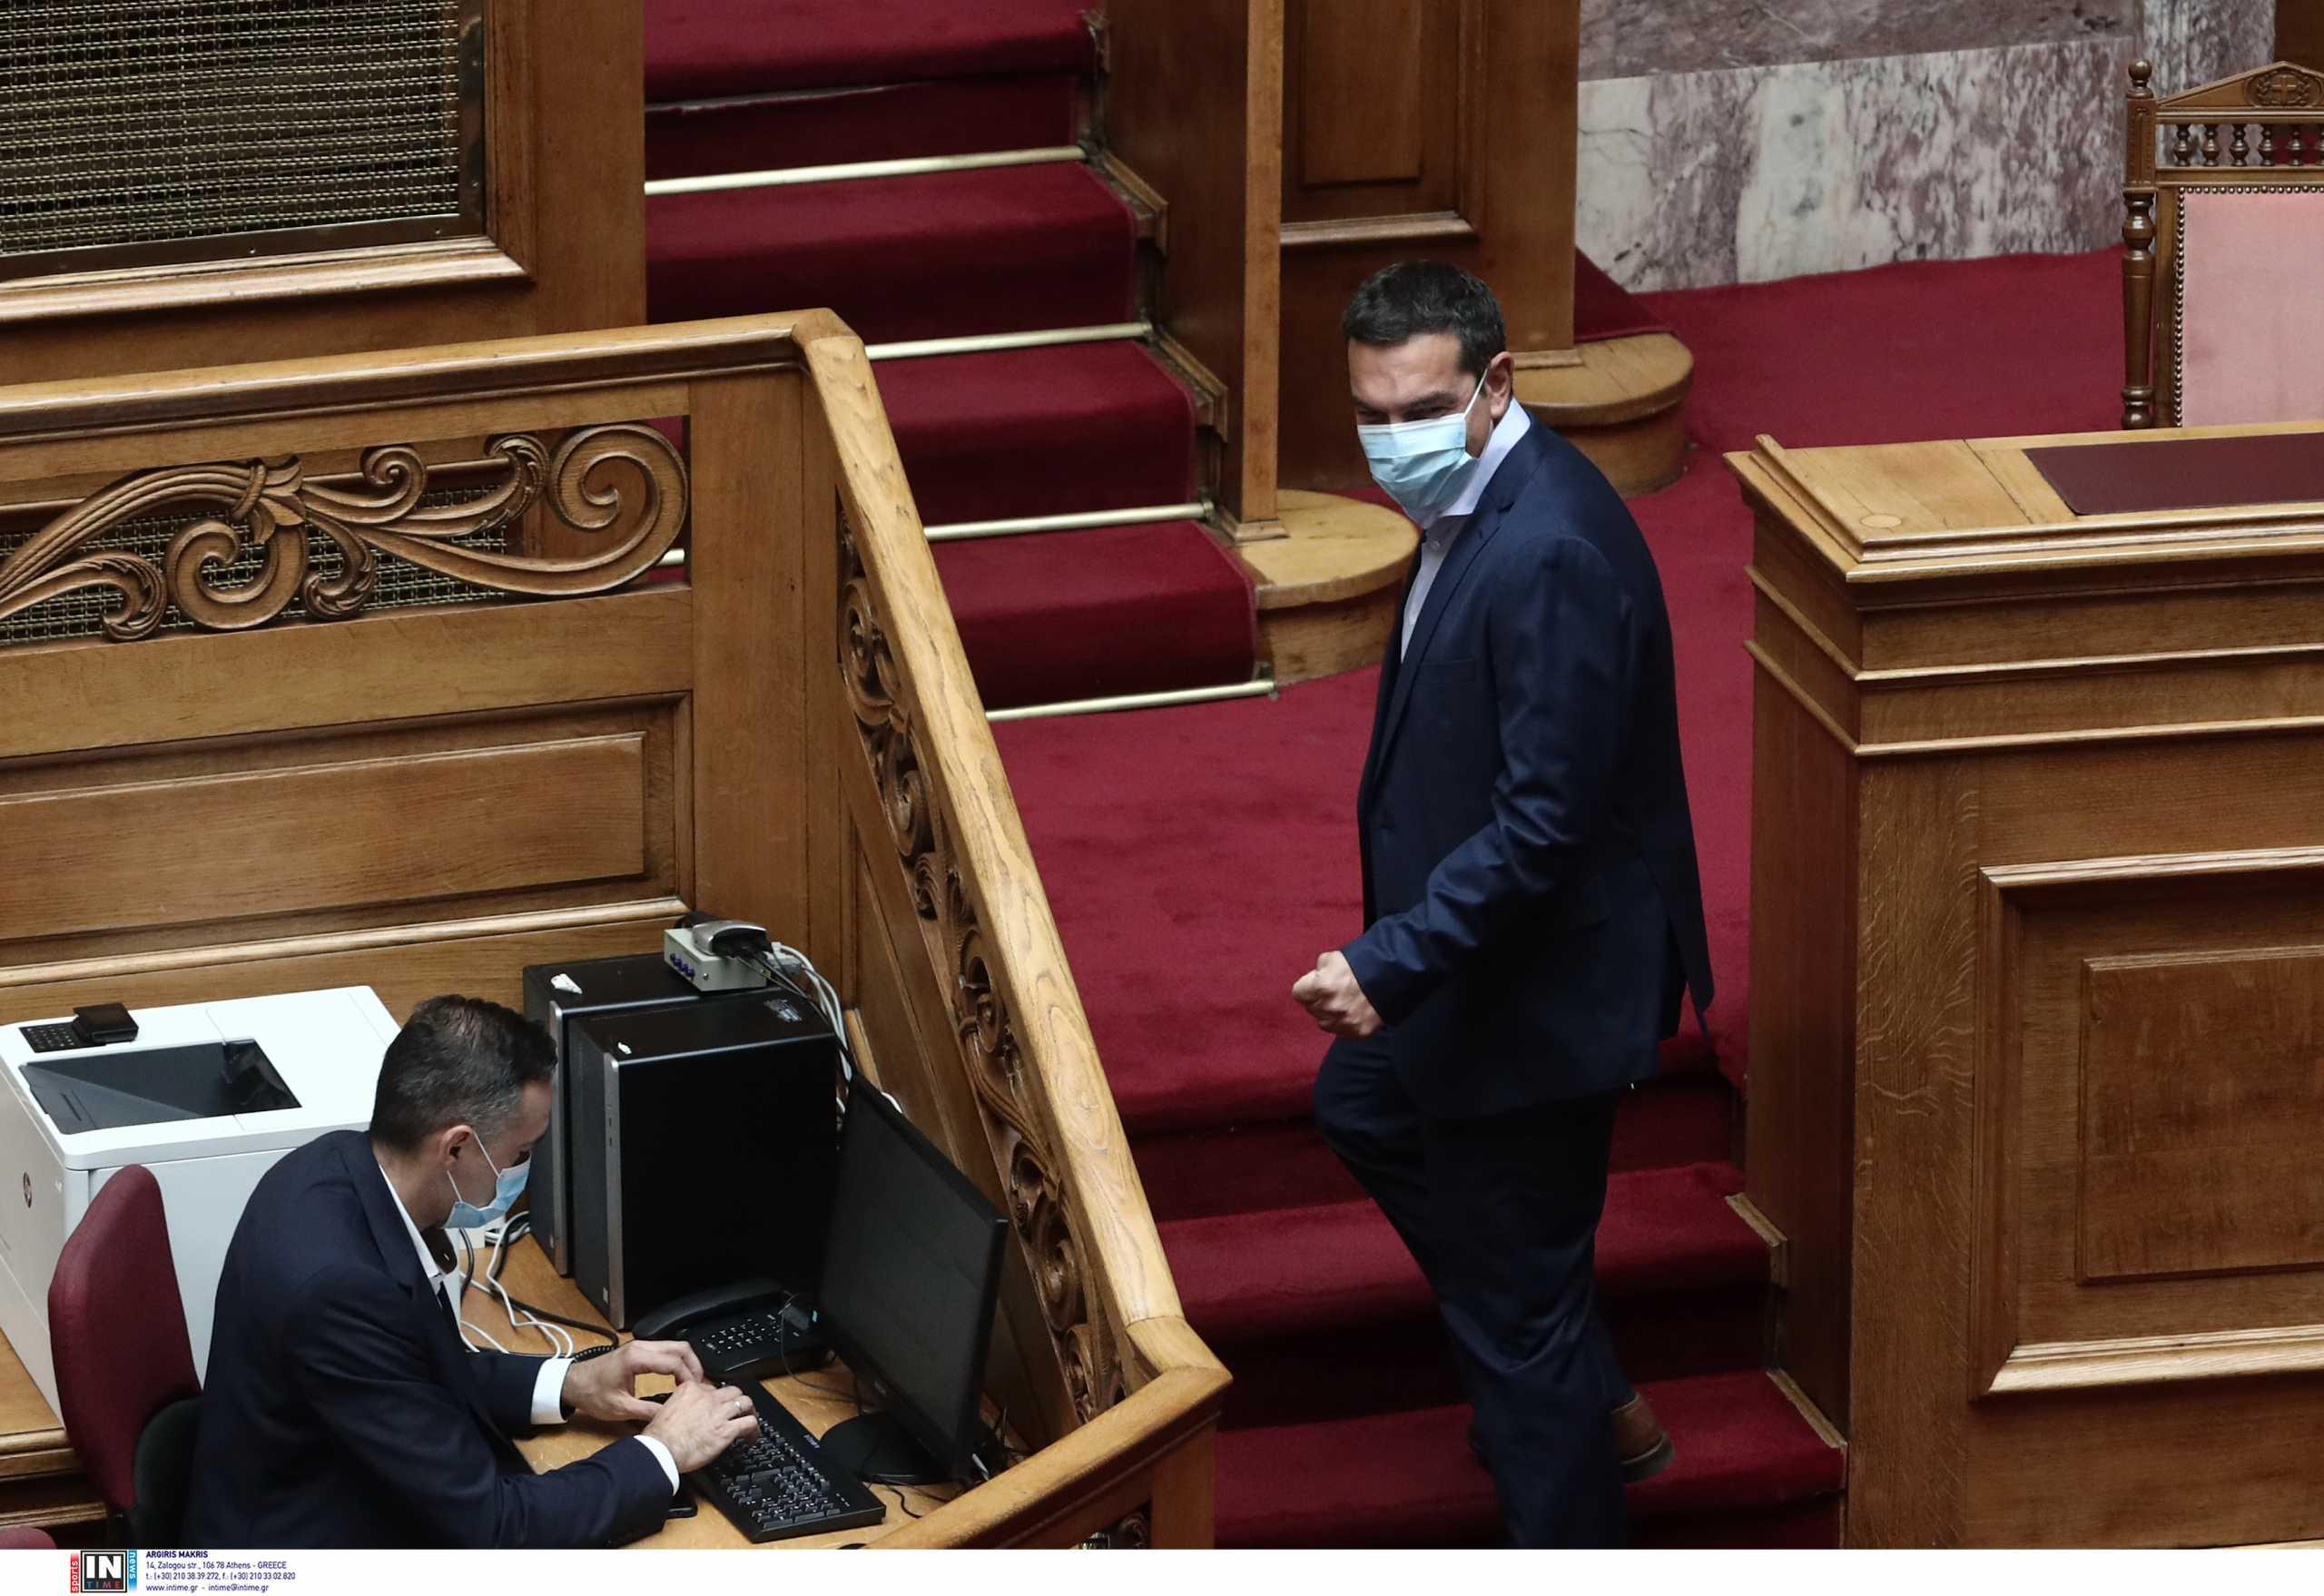 ΣΥΡΙΖΑ: Η συνεπιμέλεια έδειξε γιατί ο Μητσοτάκης κρατά τη Βουλή σε lockdown